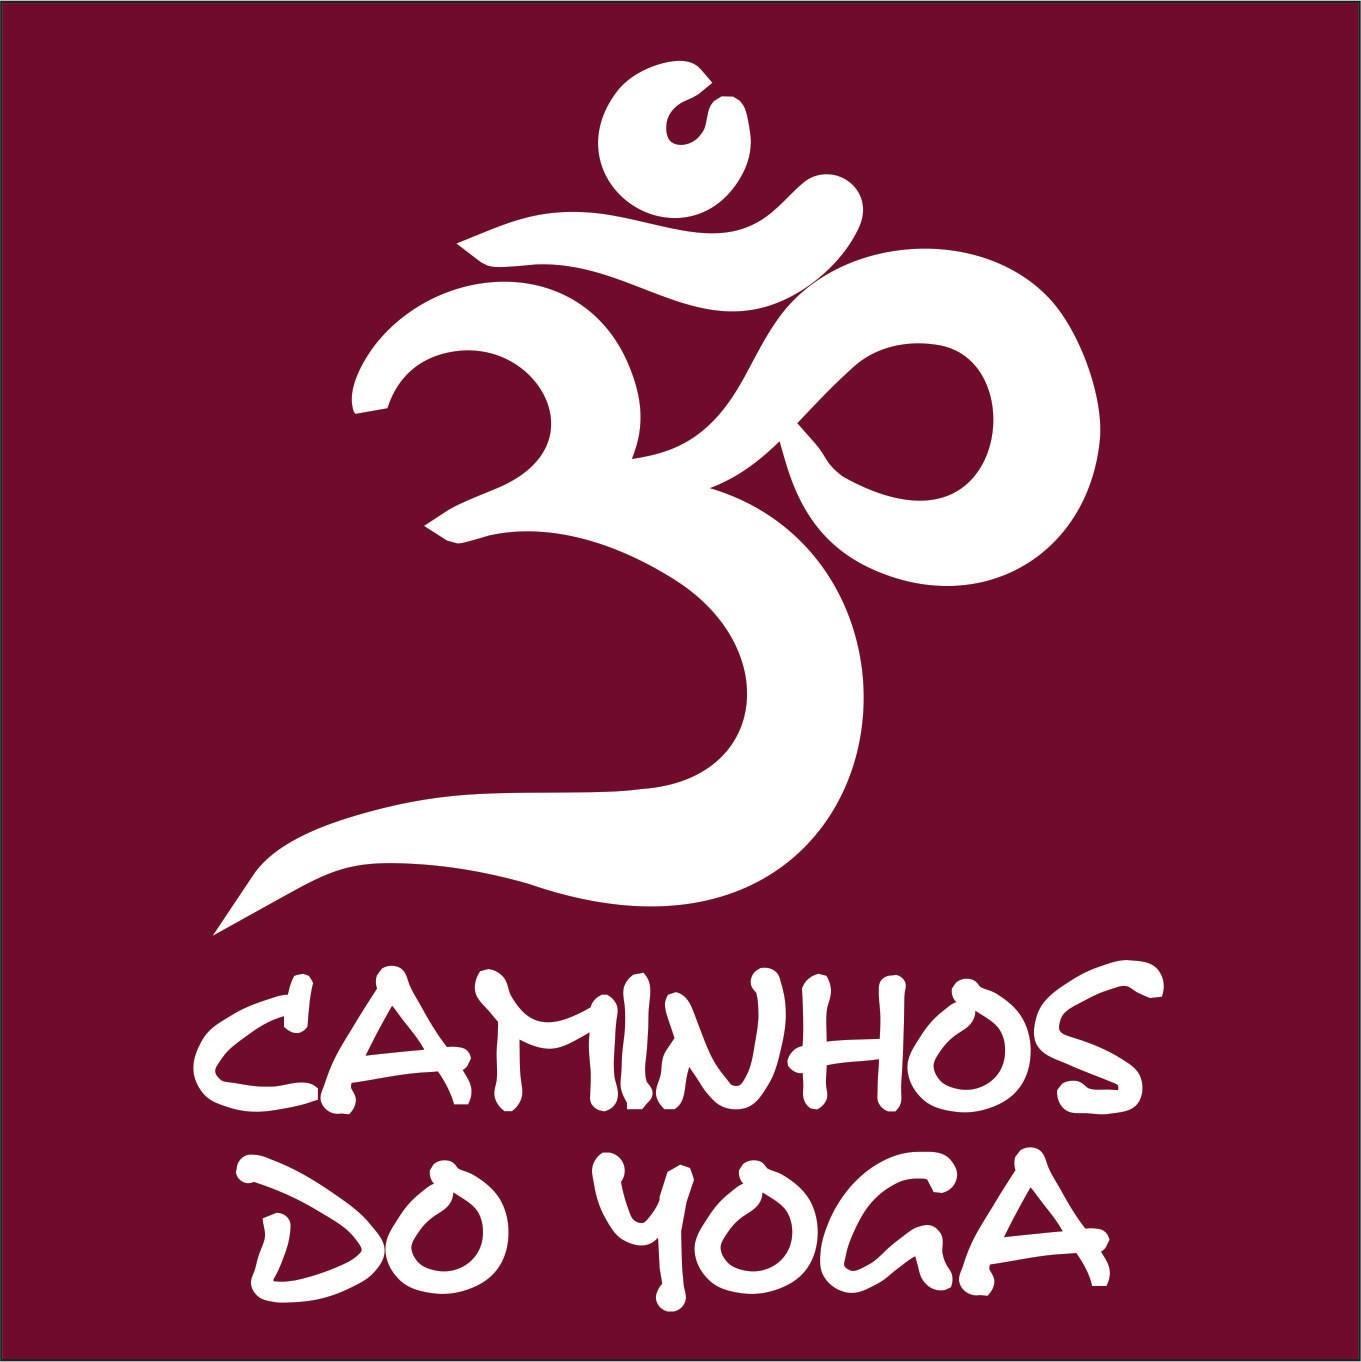 CAMINHOS DO YOGA